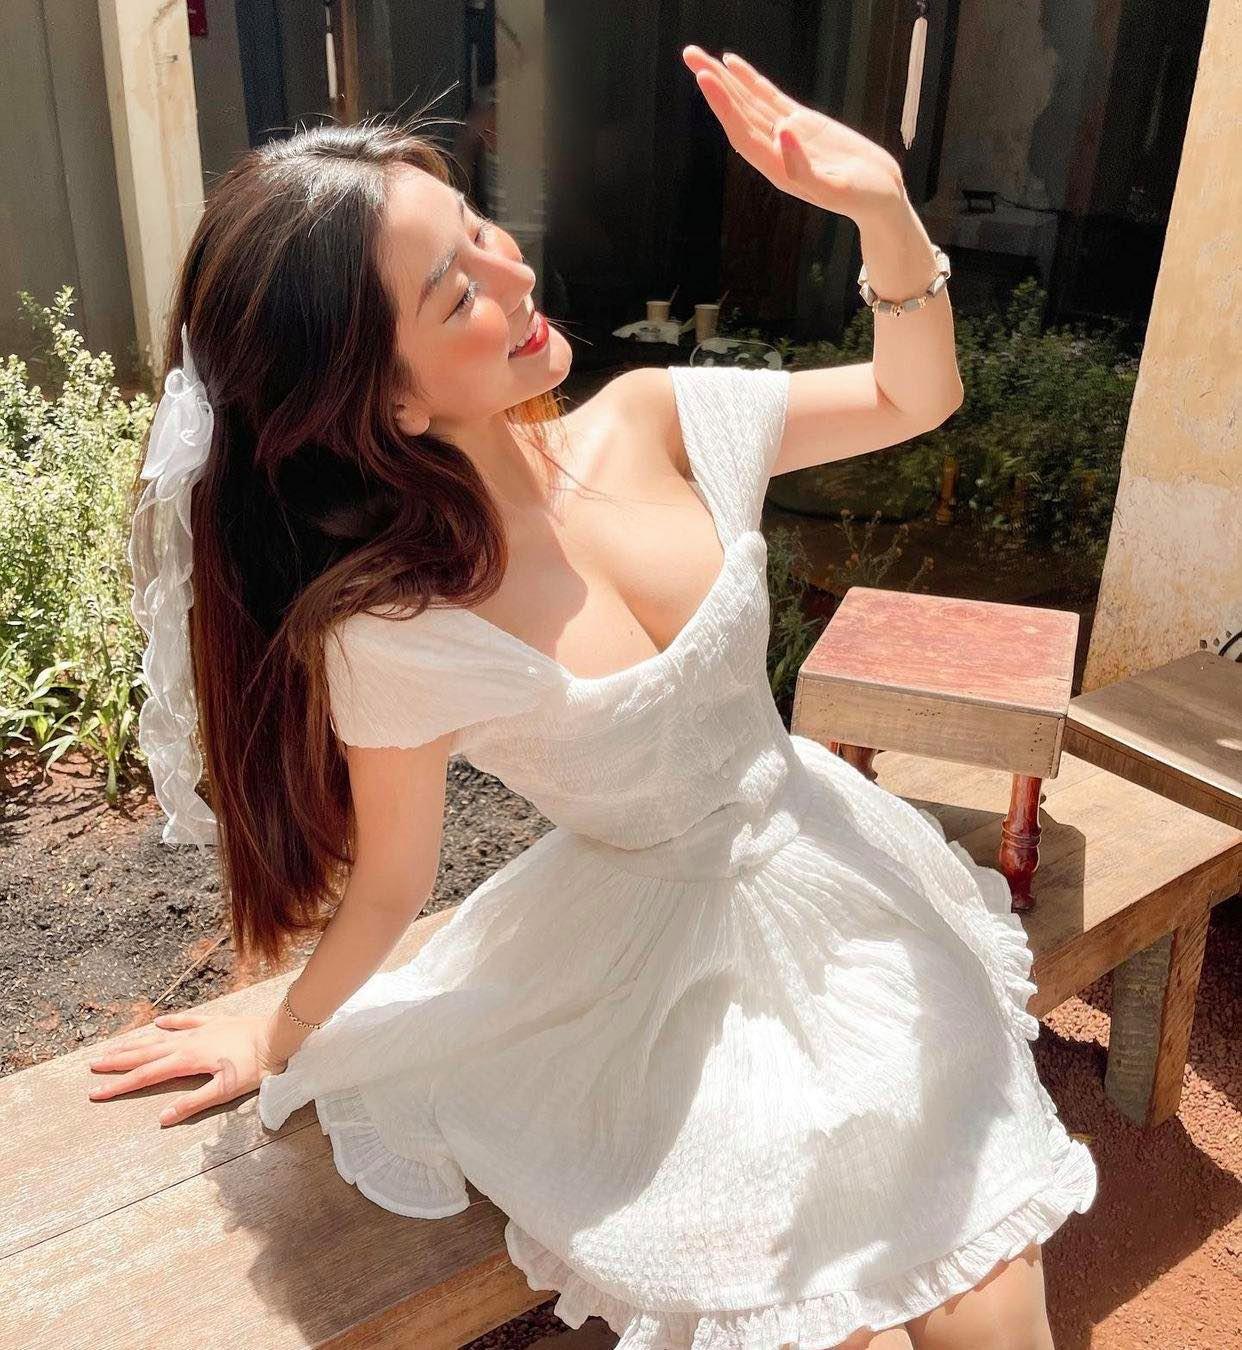 """Nữ sinh hot số 1 Sài thành chỉ cách tăng 5 – 10cm ngực, khẳng định """"không nói điêu"""" - hình ảnh 2"""